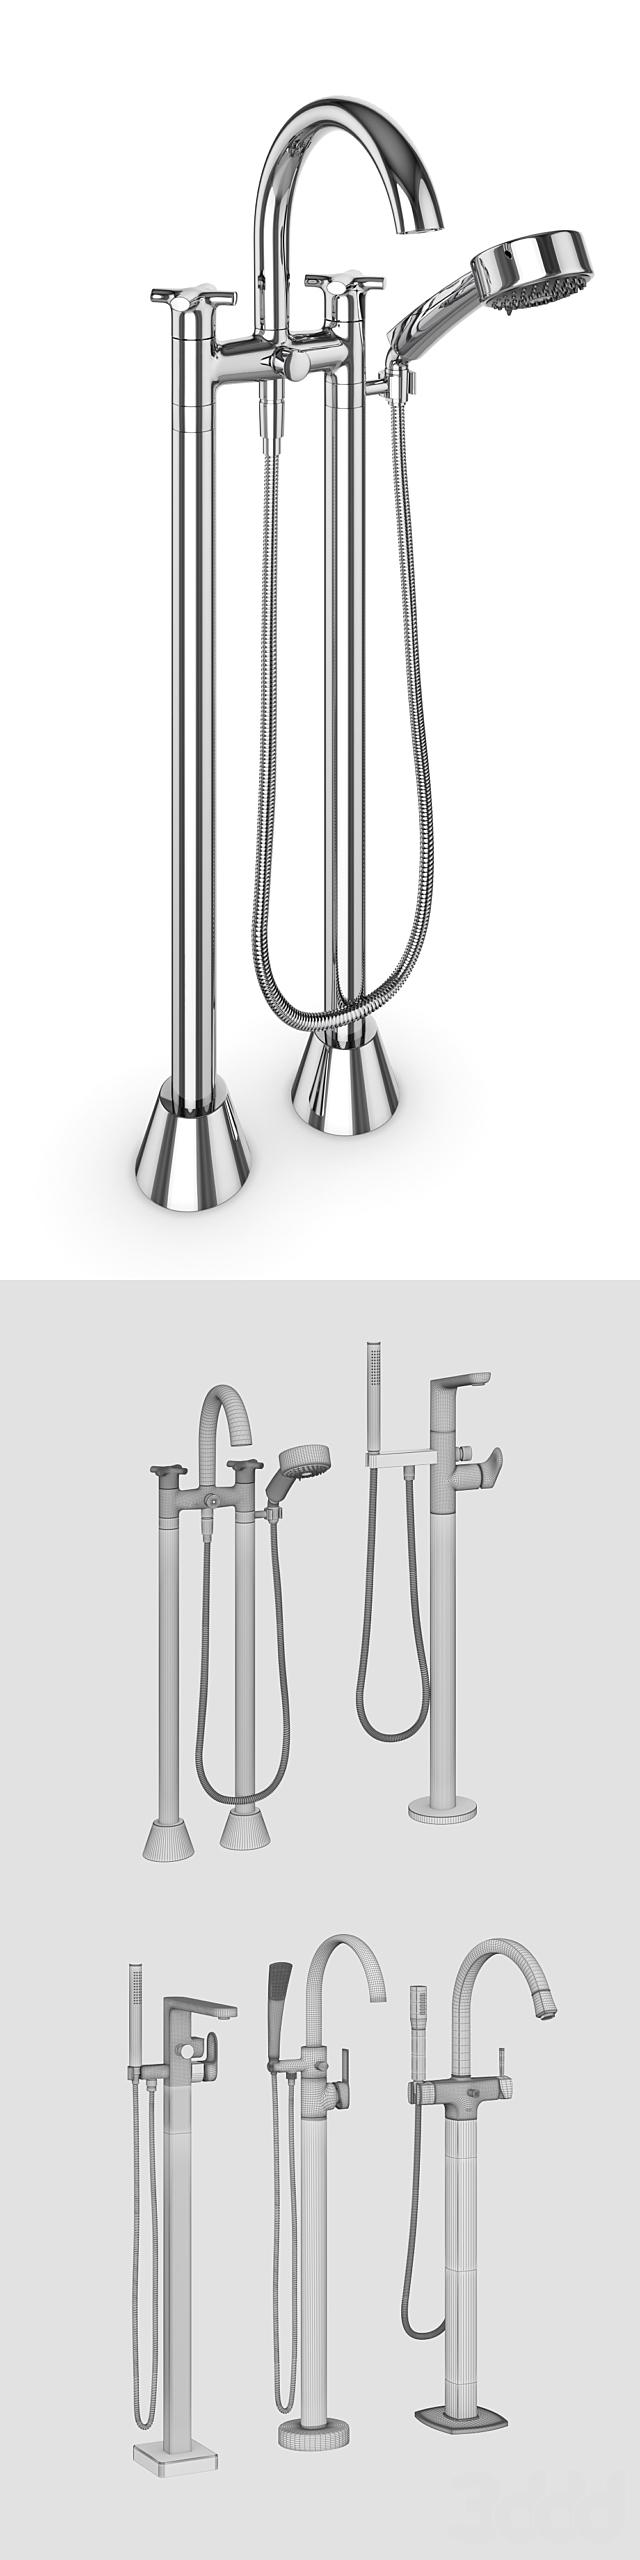 Смесители для отдельностоящих ванн Ravak, Villeroy & Boch, GROHE set 28